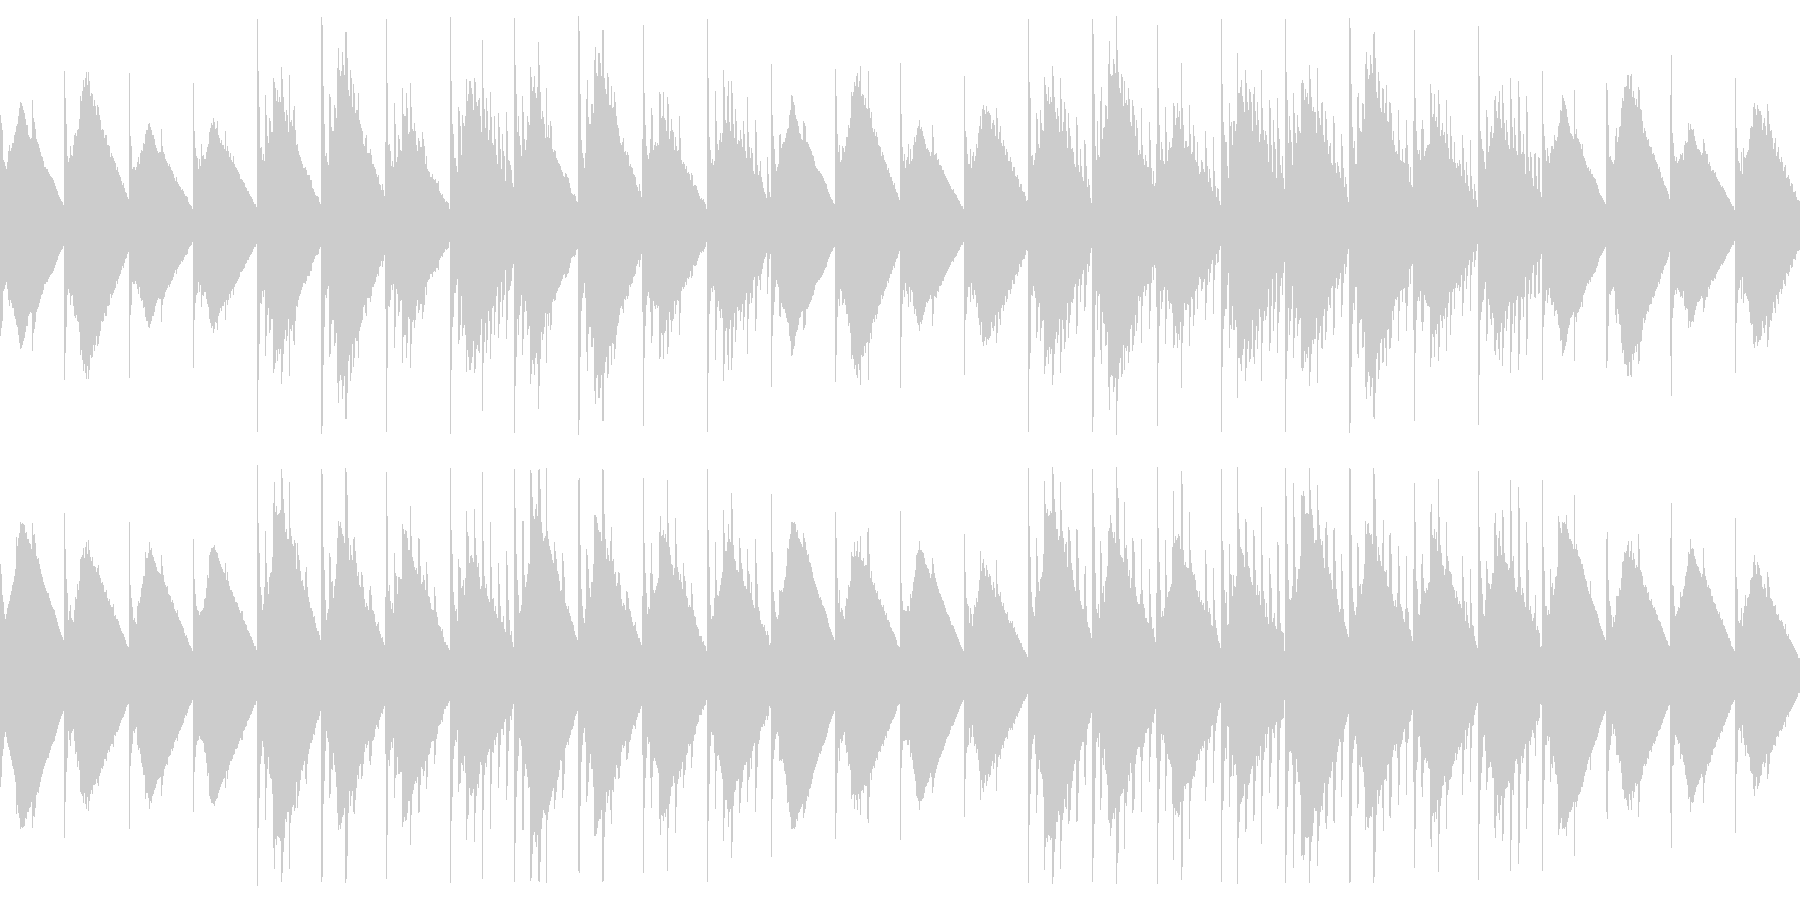 暗い雰囲気の洞窟風チップチューンサウンドの未再生の波形